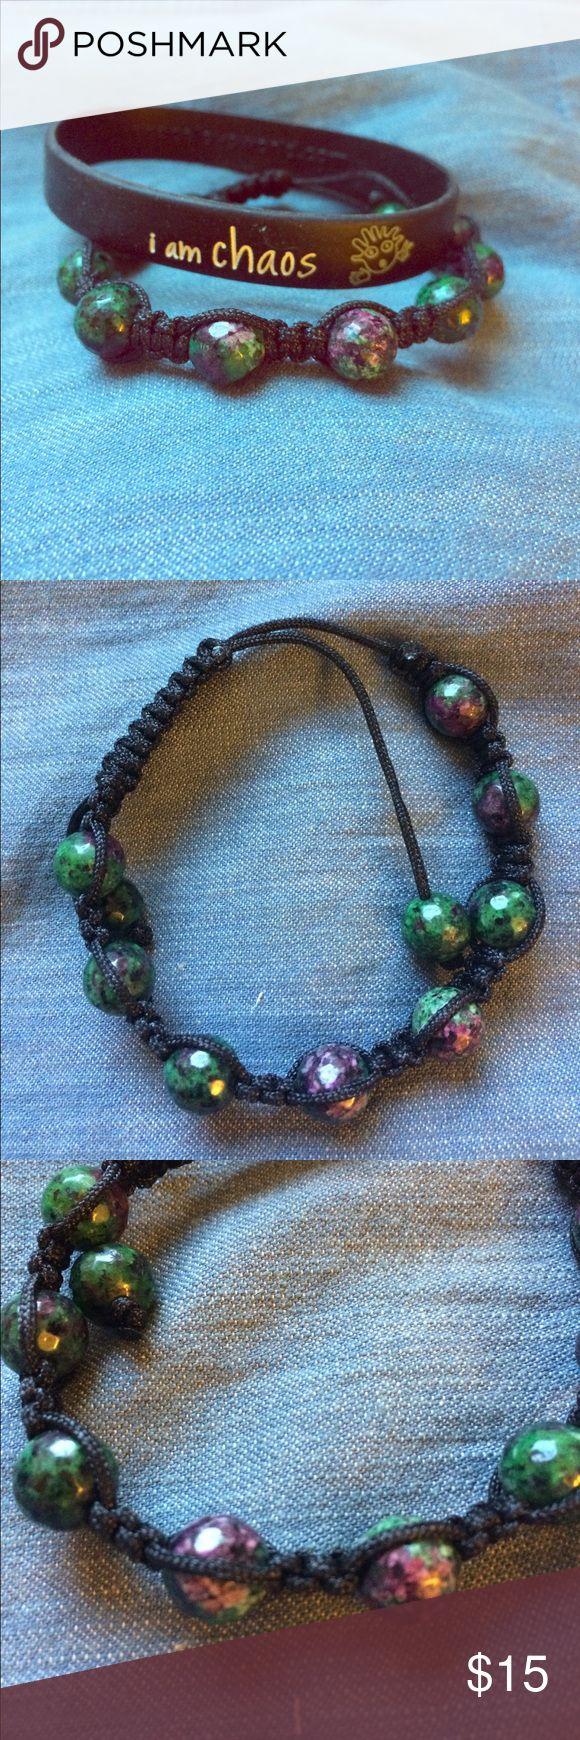 Bracelet BUNDLE - Peace Love World Bracelet bundle. Peace Love World Bracelet with green, purple and black bracelet. Both NWOT peace love world Accessories